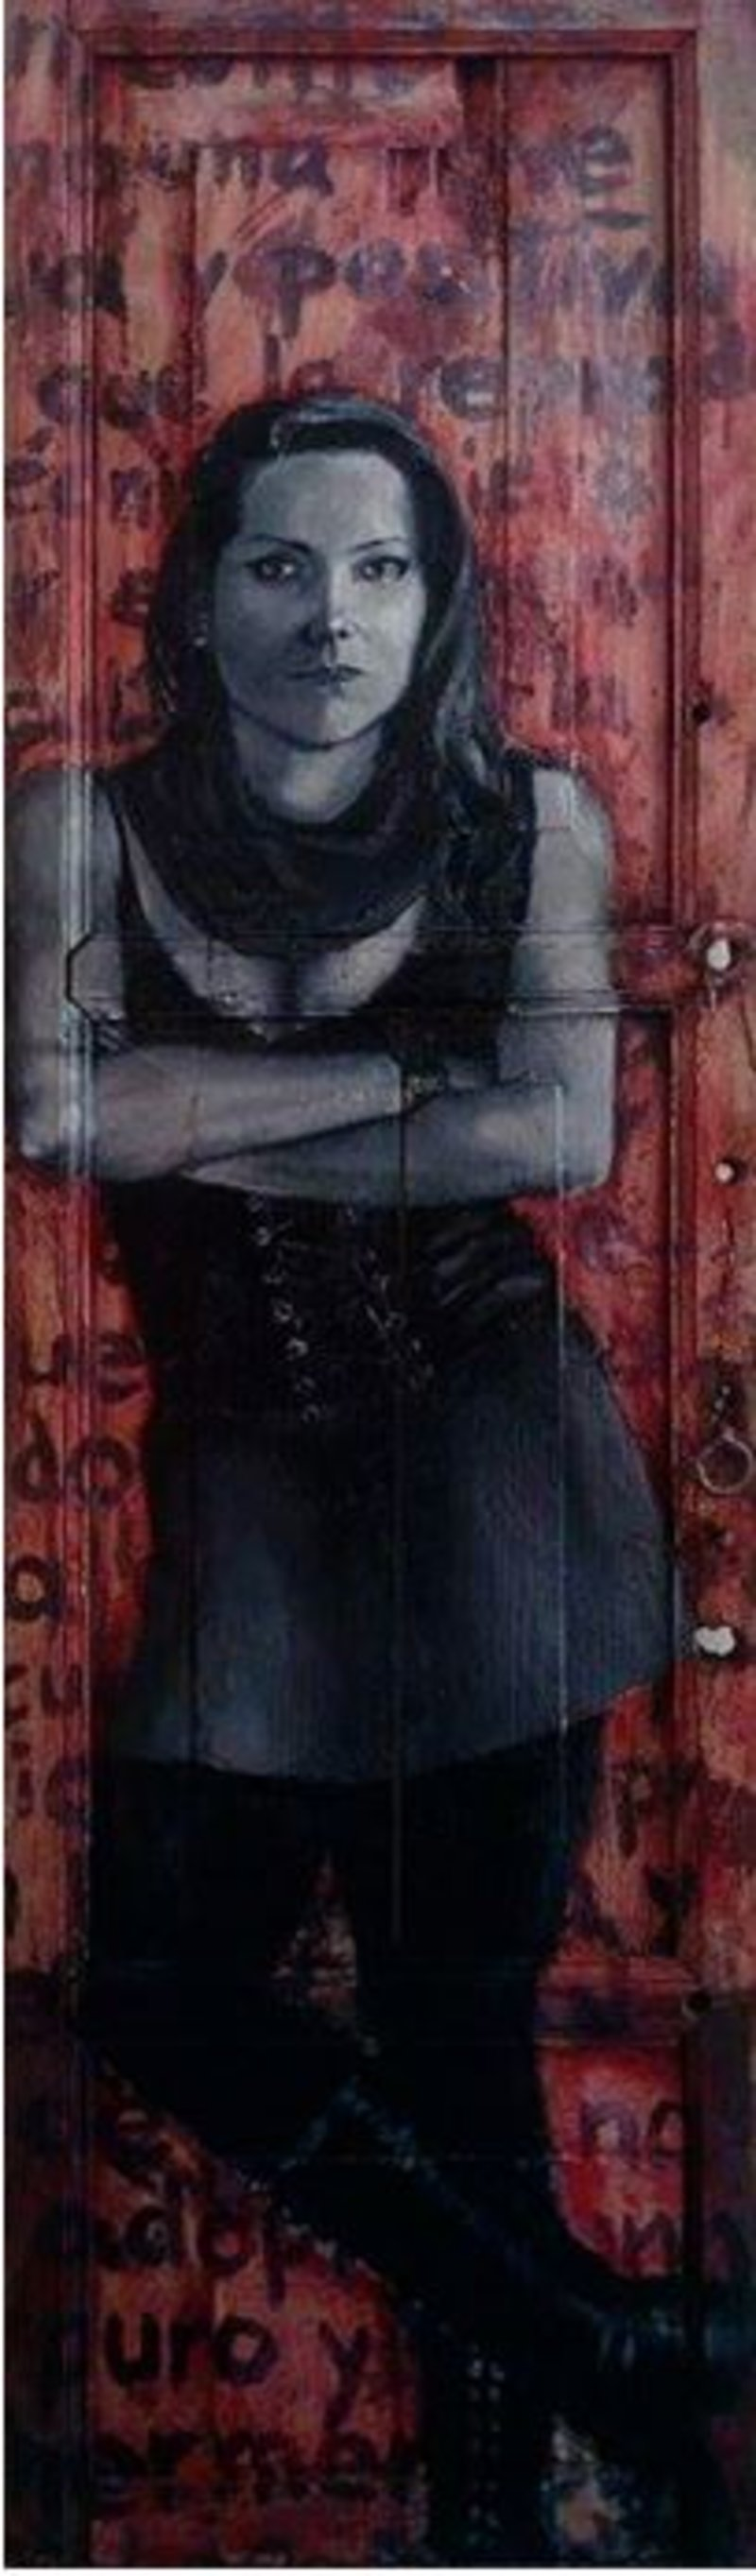 Alvarez Enrique Estuardo / Mujeres | Alvarez Enrique  Estuardo